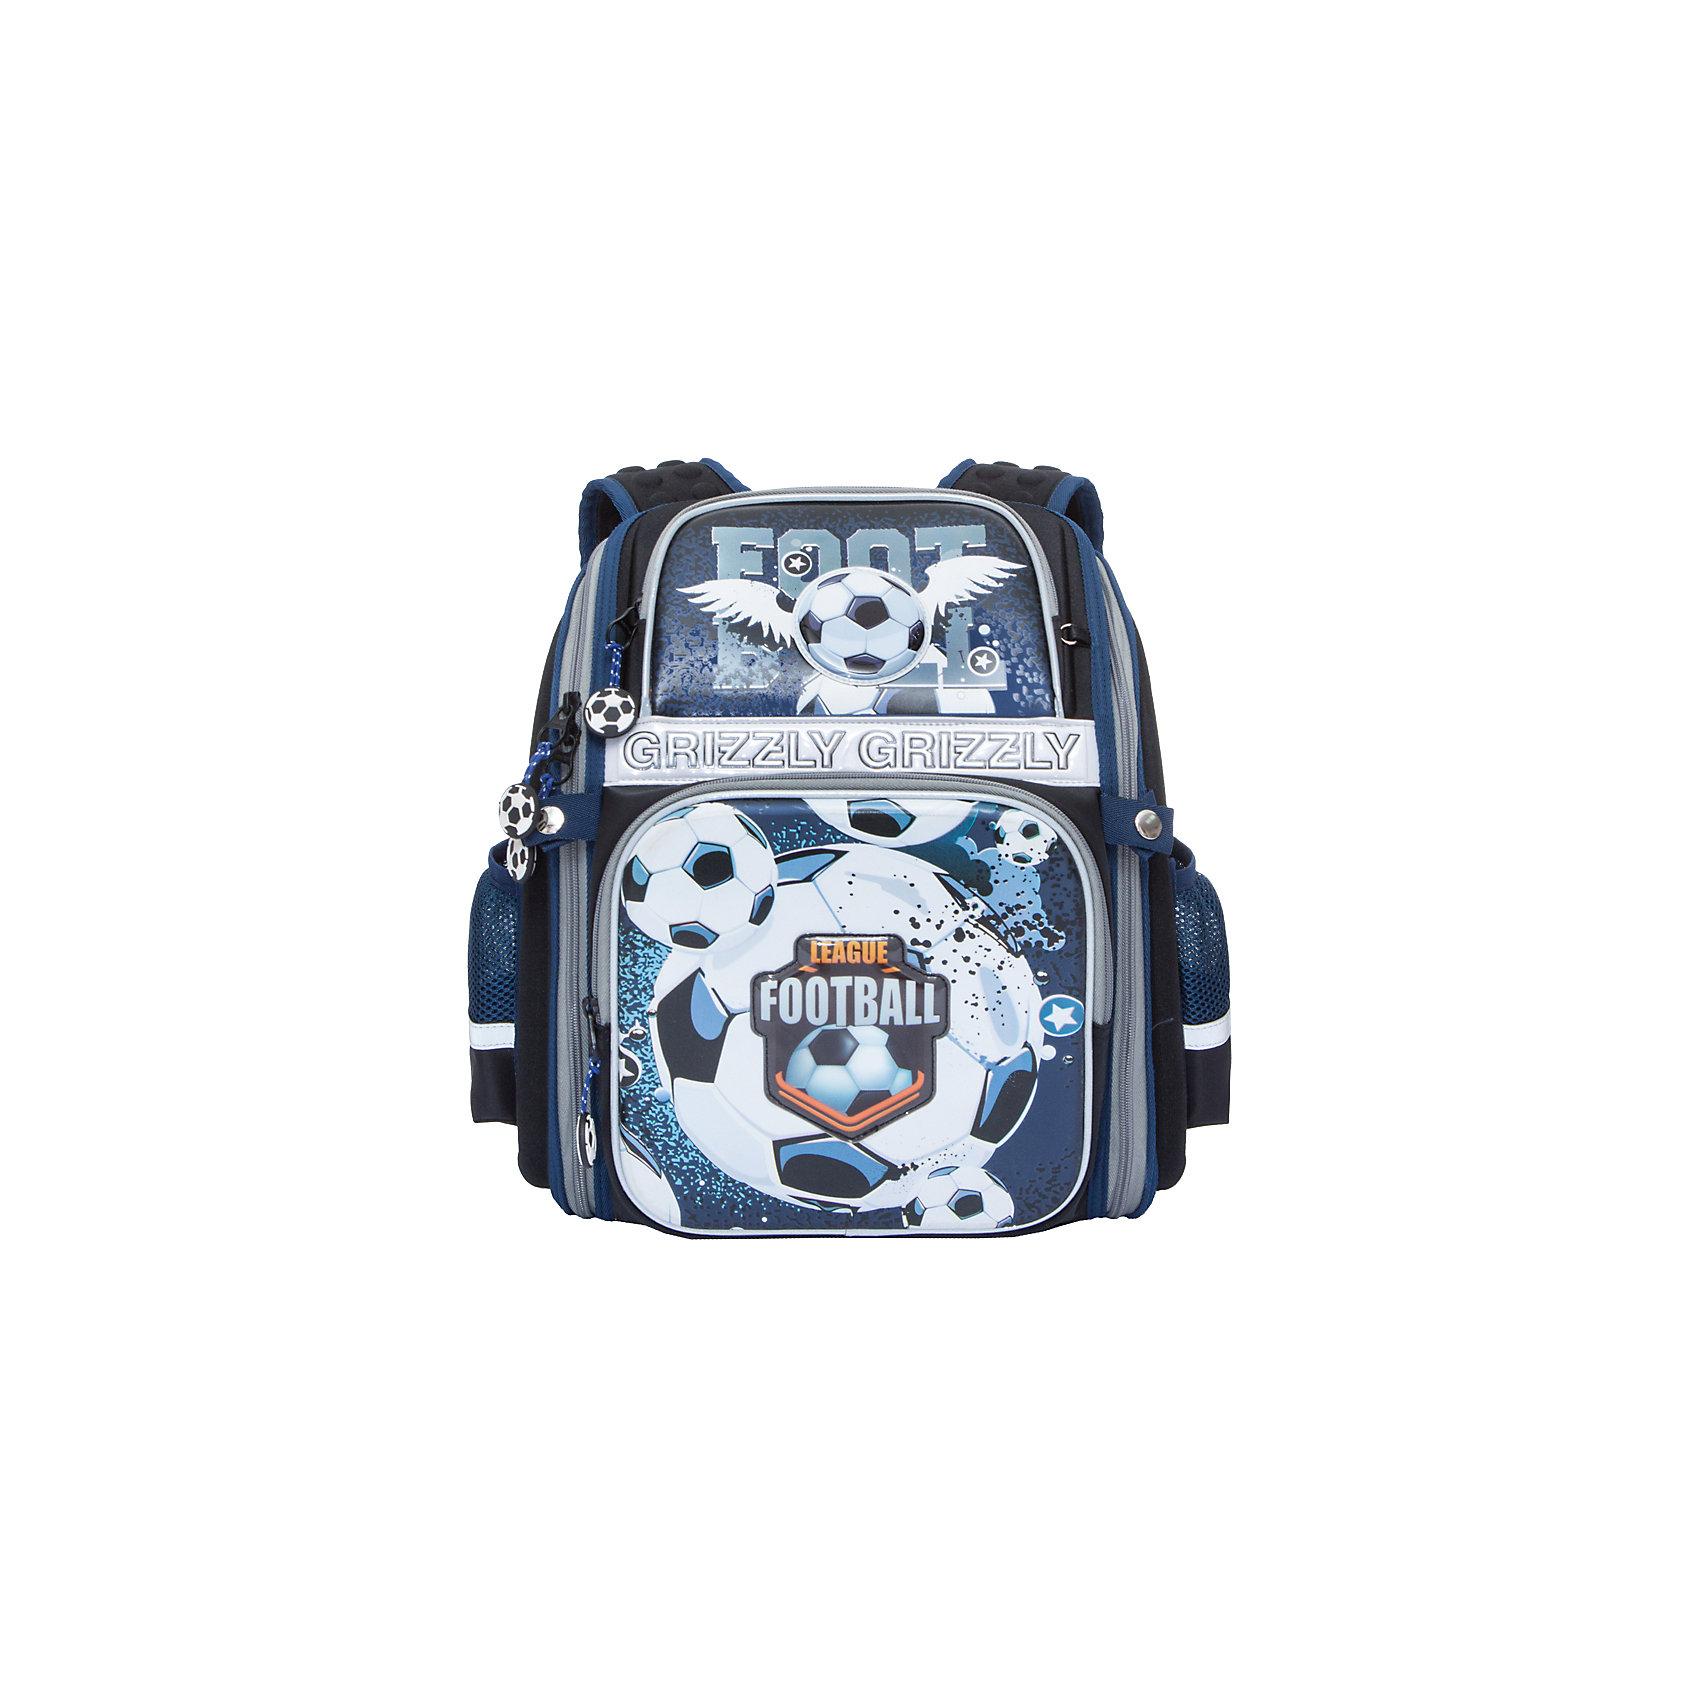 Рюкзак школьный Grizzly 1 отделениеРюкзаки<br>Рюкзак школьный, одно отделение, два объемных кармана на молнии на передней стенке, объемные боковые карманы на молнии, внутренний карман на молнии, внутренний составной пенал-органайзер, жесткая анатомическая спинка, дополнительная ручка-петля, укрепленные лямки, брелок-игрушка, светоотражающие элементы с четырех сторон.<br>Вес, г: 1110<br>Размер, см: 30х37х16<br>Состав: Нейлон<br>Наличие светоотражающих элементов:  да<br>Материал: Нейлон<br>Спина:  жесткая<br>Наличие дополнительных карманов внутри:  нет<br>Дно выбрать:  жесткое<br>Количество отделений внутри:  1<br>Боковые карманы: да<br>Замок:  Молния<br>Вмещает А4:  да<br><br>Ширина мм: 300<br>Глубина мм: 160<br>Высота мм: 370<br>Вес г: 880<br>Возраст от месяцев: 72<br>Возраст до месяцев: 120<br>Пол: Мужской<br>Возраст: Детский<br>SKU: 6727537